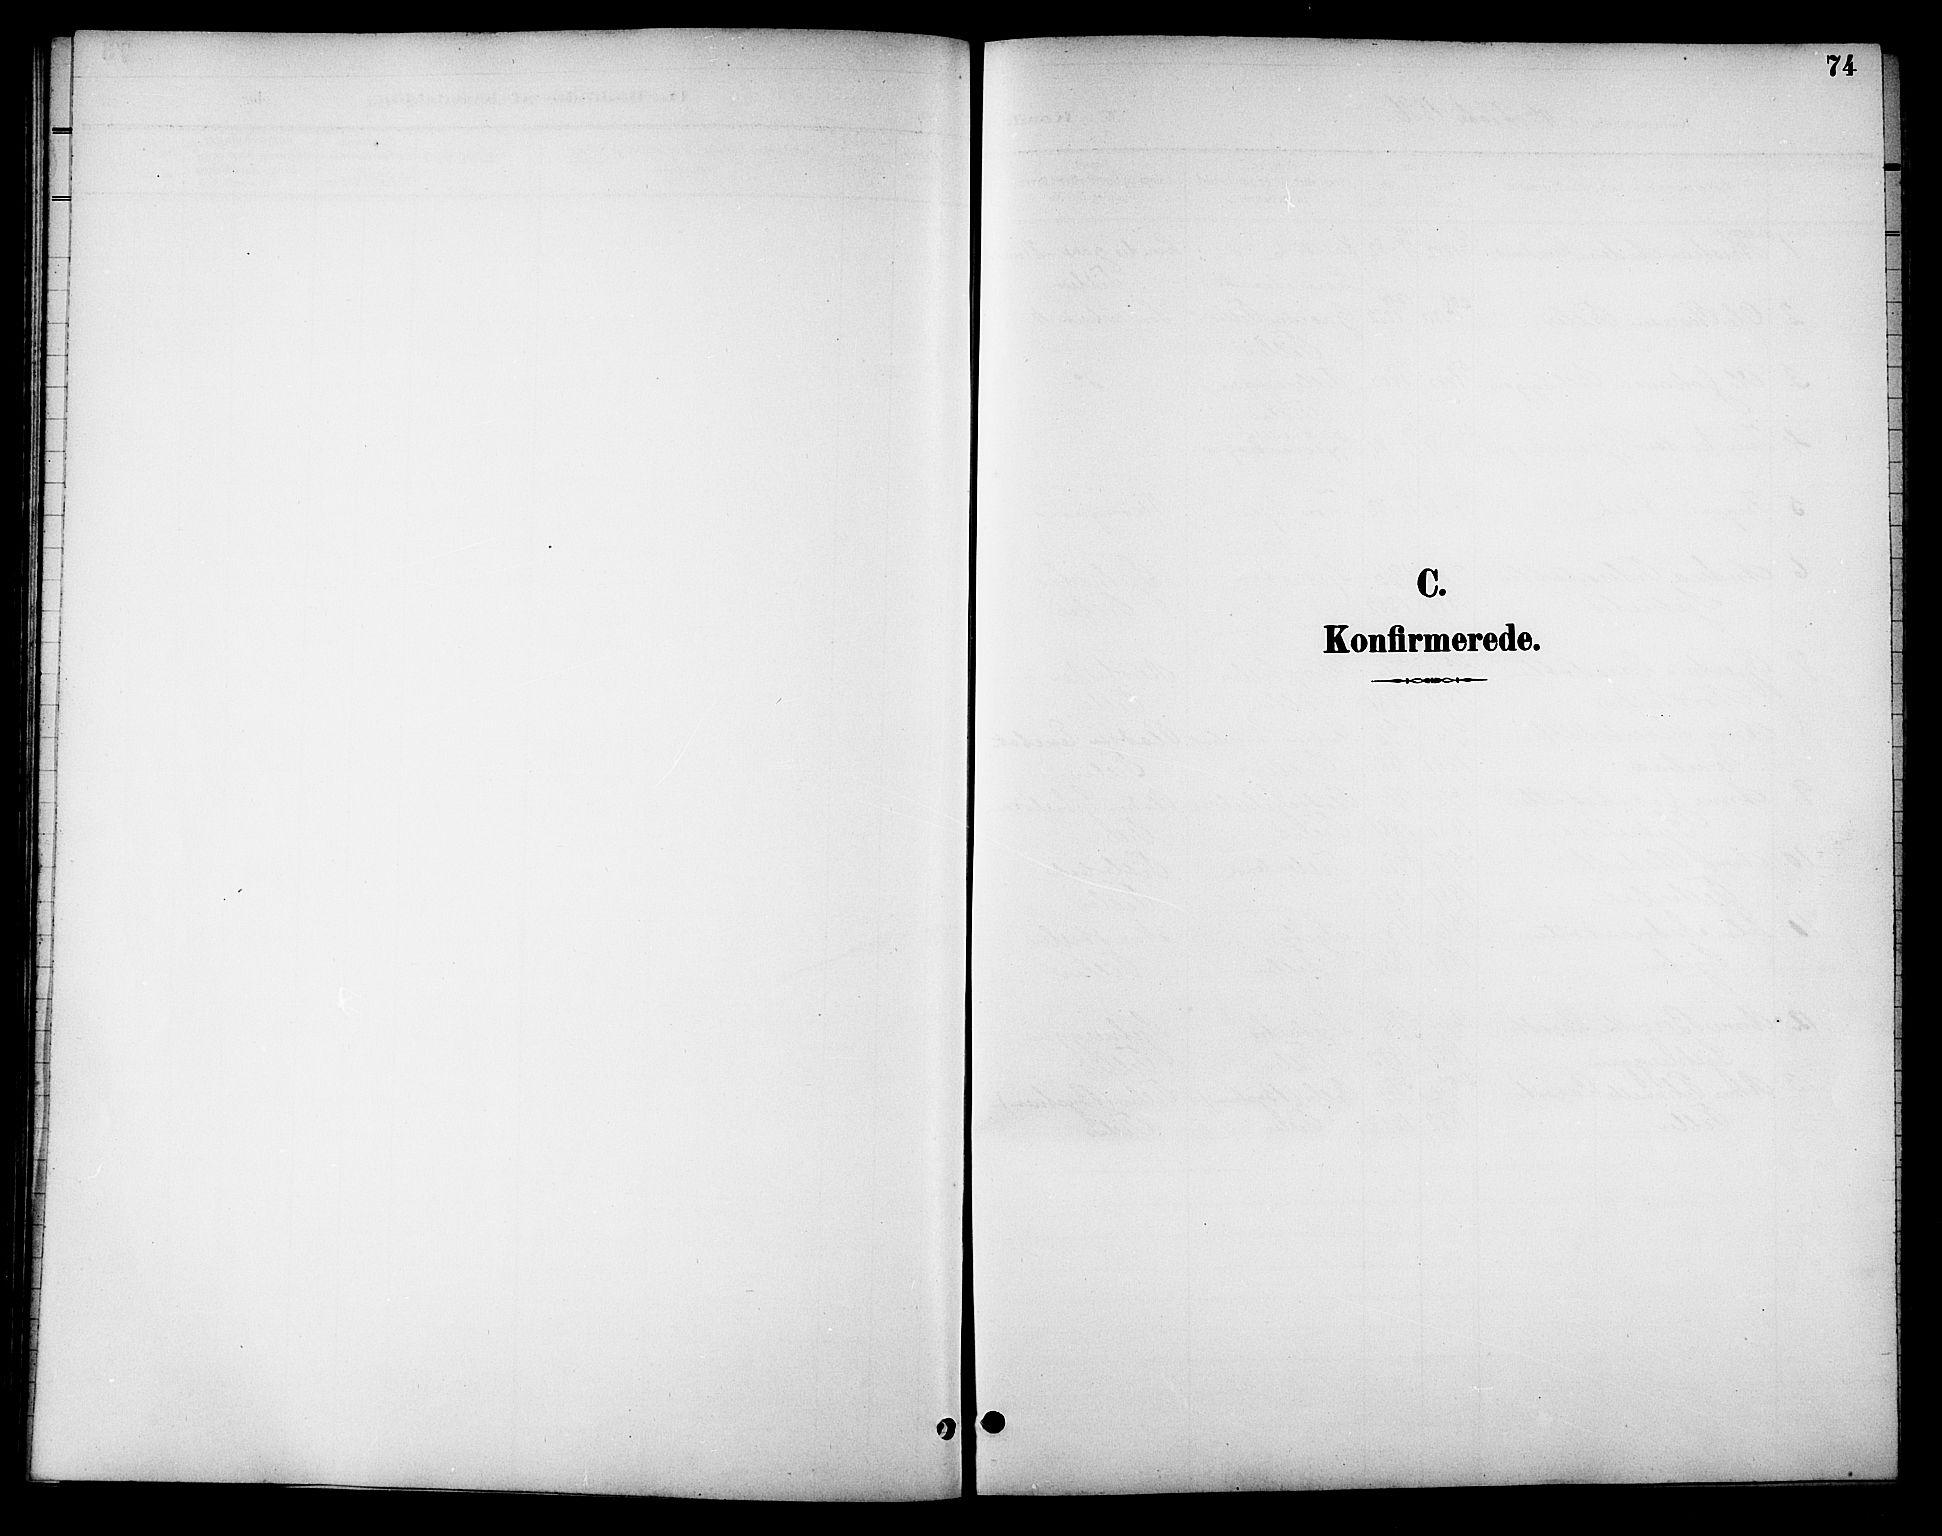 SAT, Ministerialprotokoller, klokkerbøker og fødselsregistre - Sør-Trøndelag, 621/L0460: Klokkerbok nr. 621C03, 1896-1914, s. 74